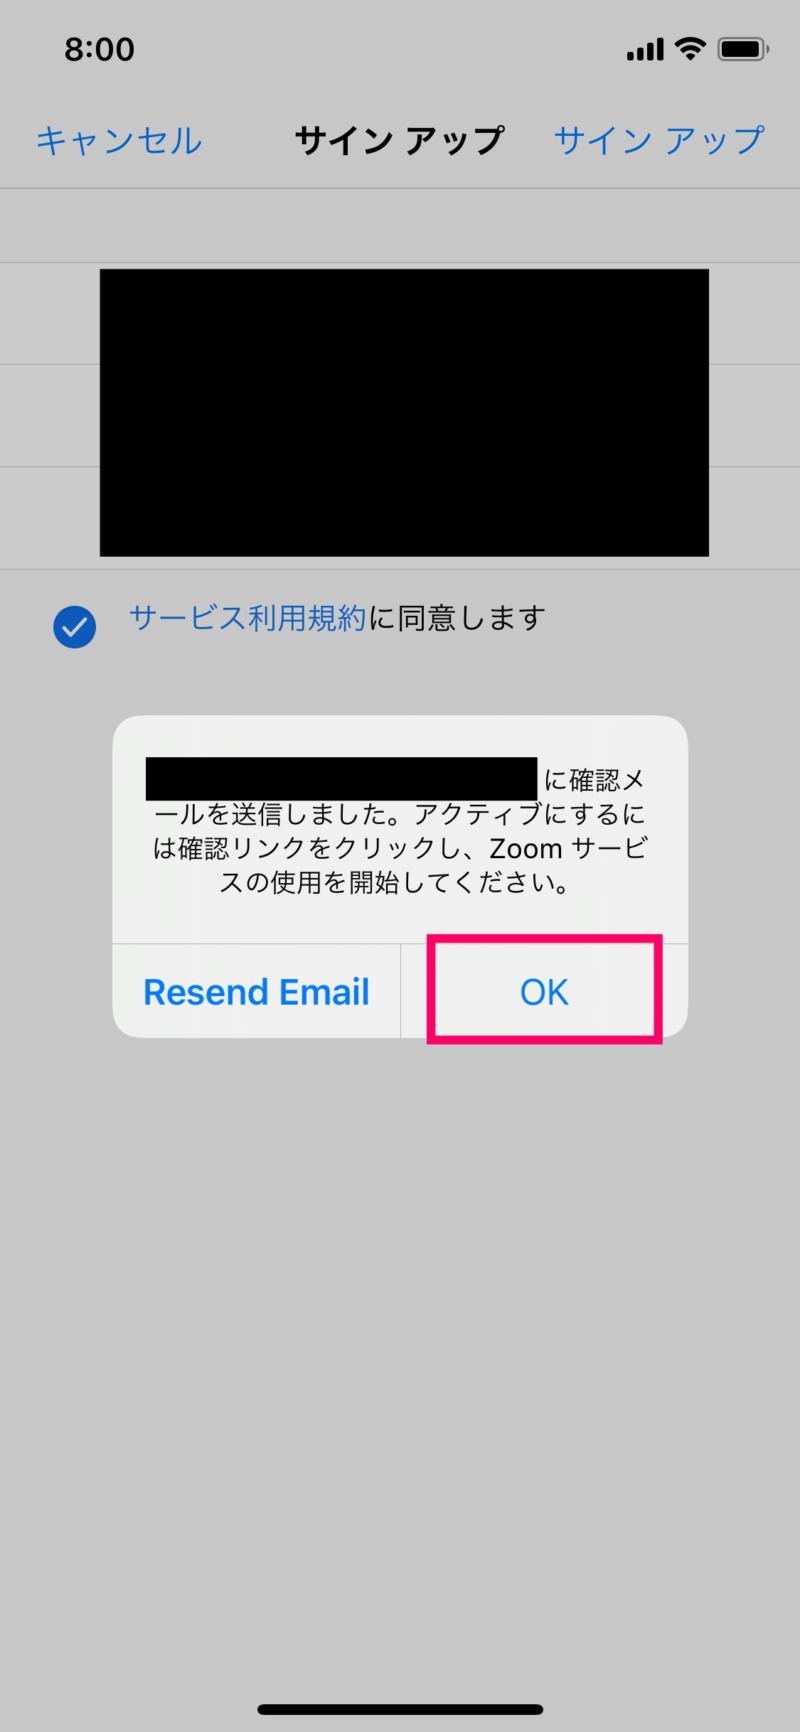 スマホアプリ版ズームで新規登録する方法04